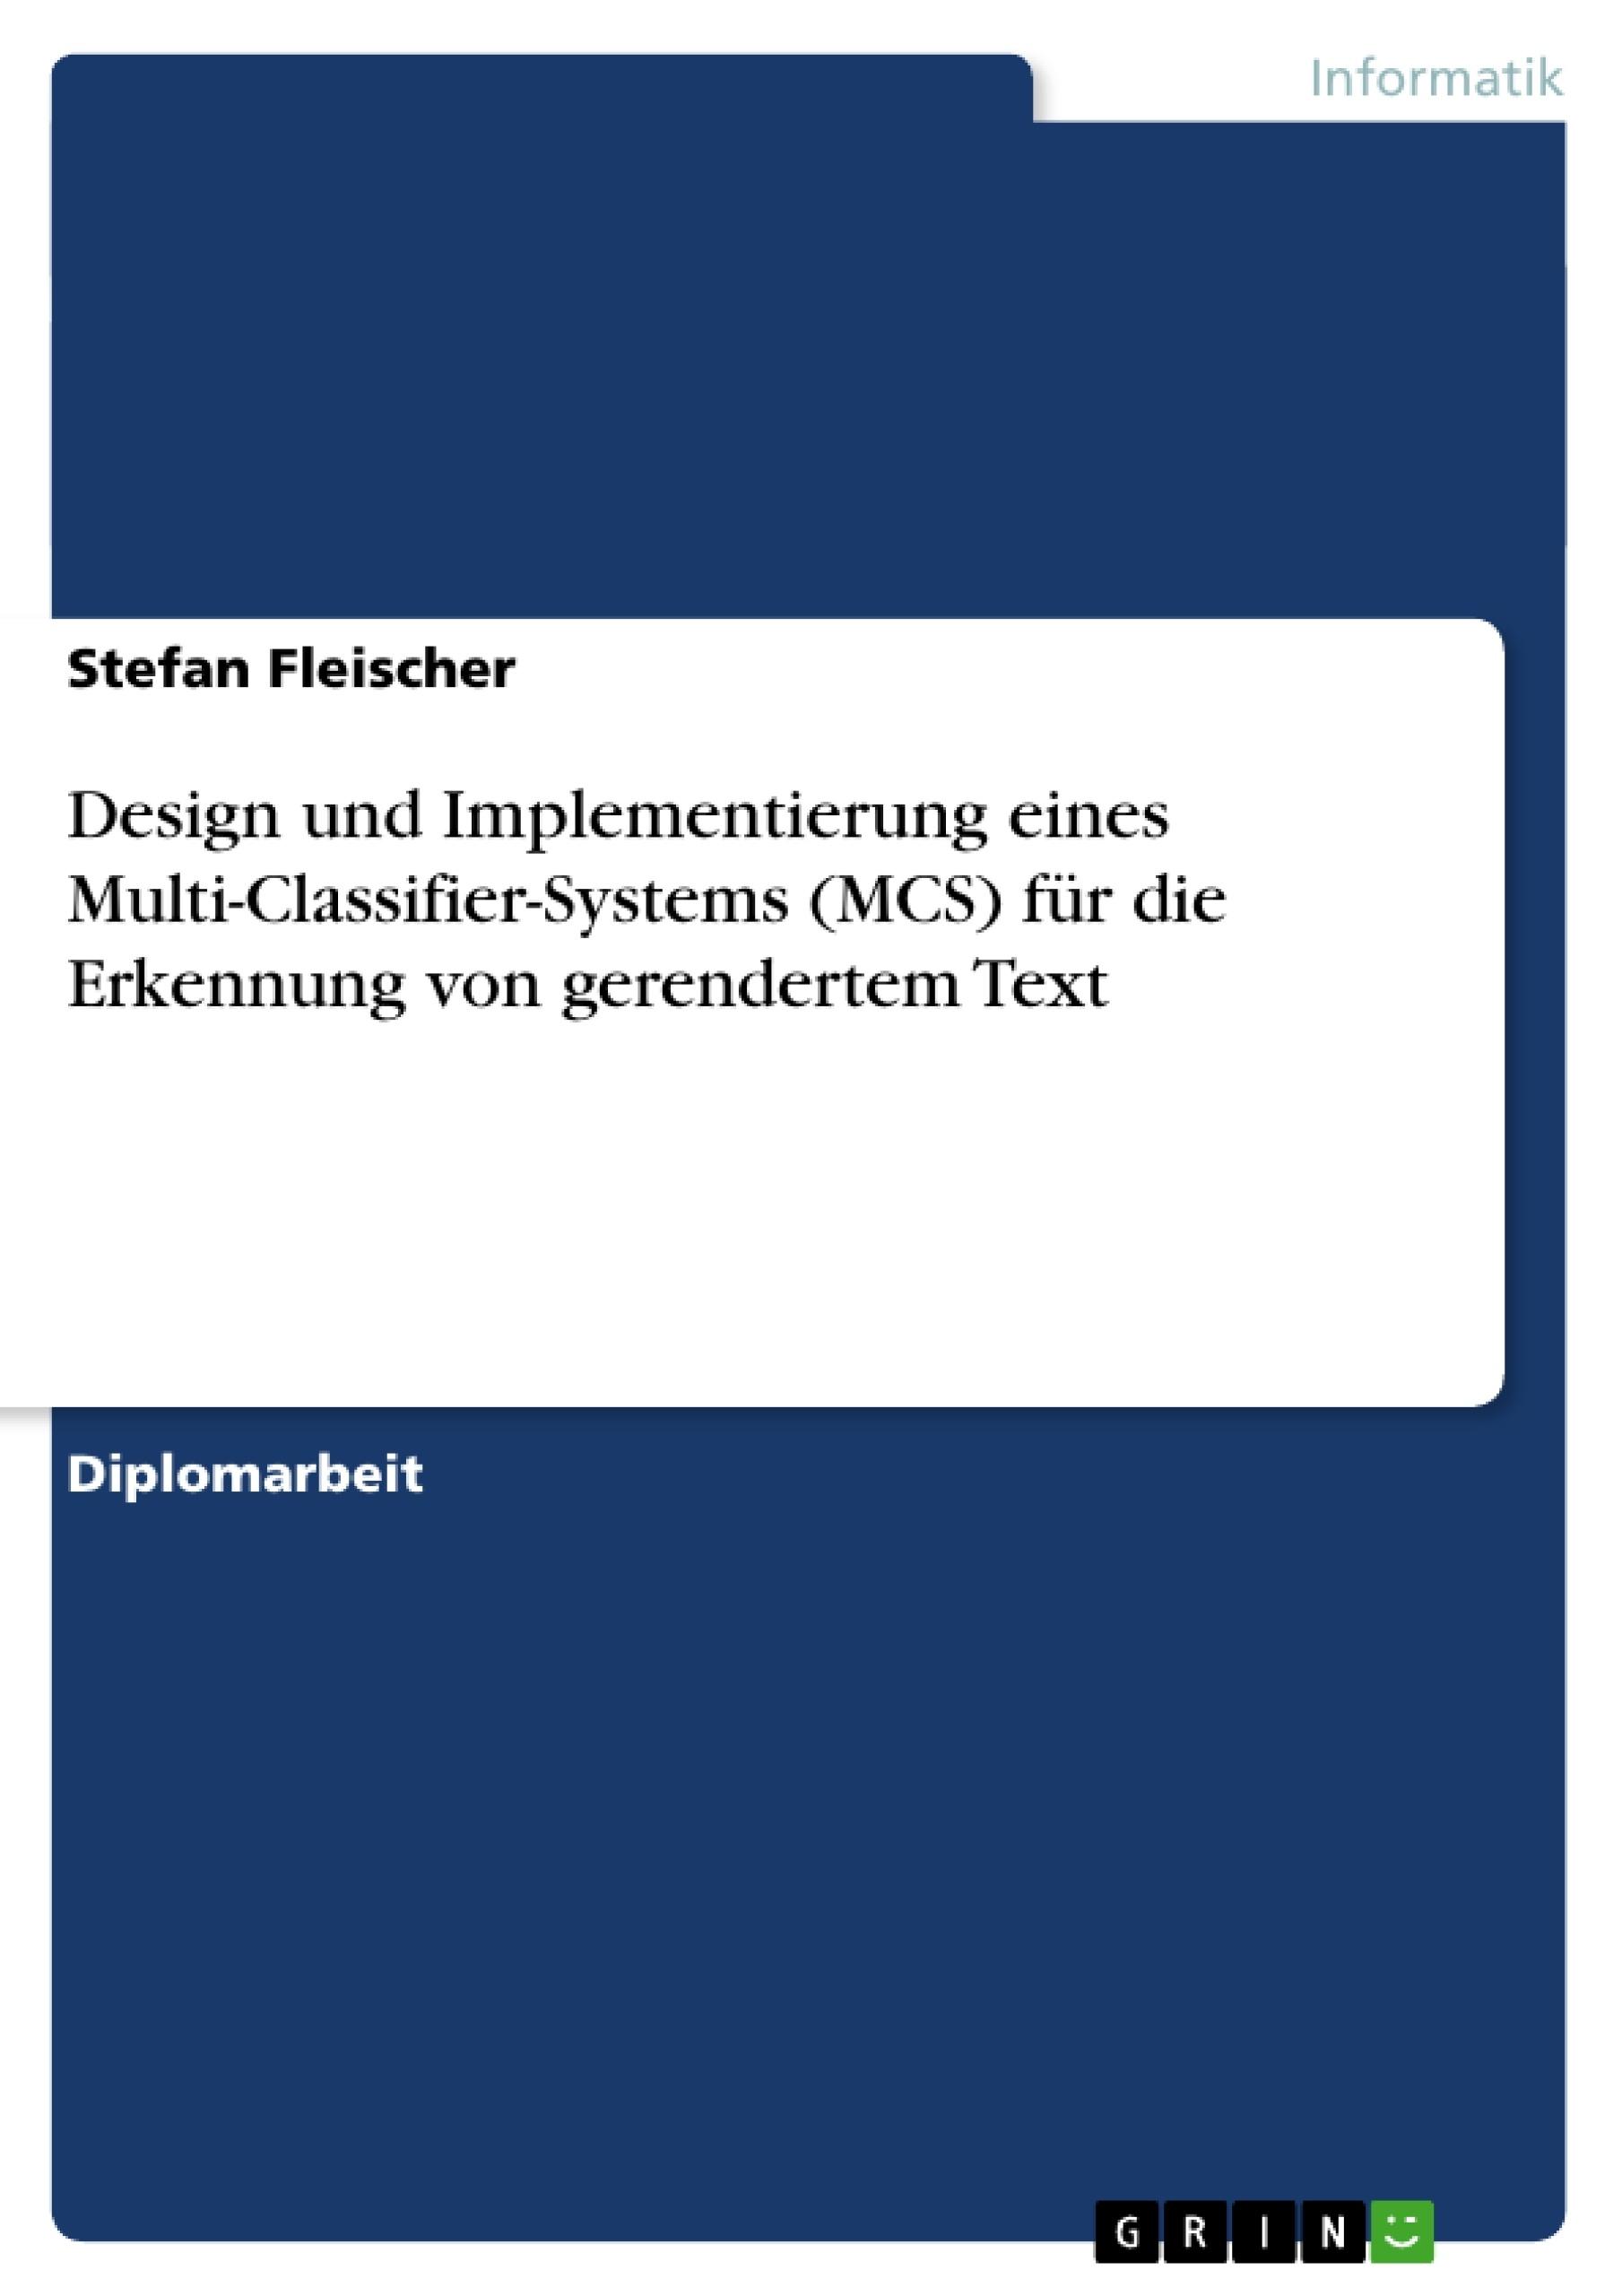 Titel: Design und Implementierung eines Multi-Classifier-Systems (MCS) für die Erkennung von gerendertem Text